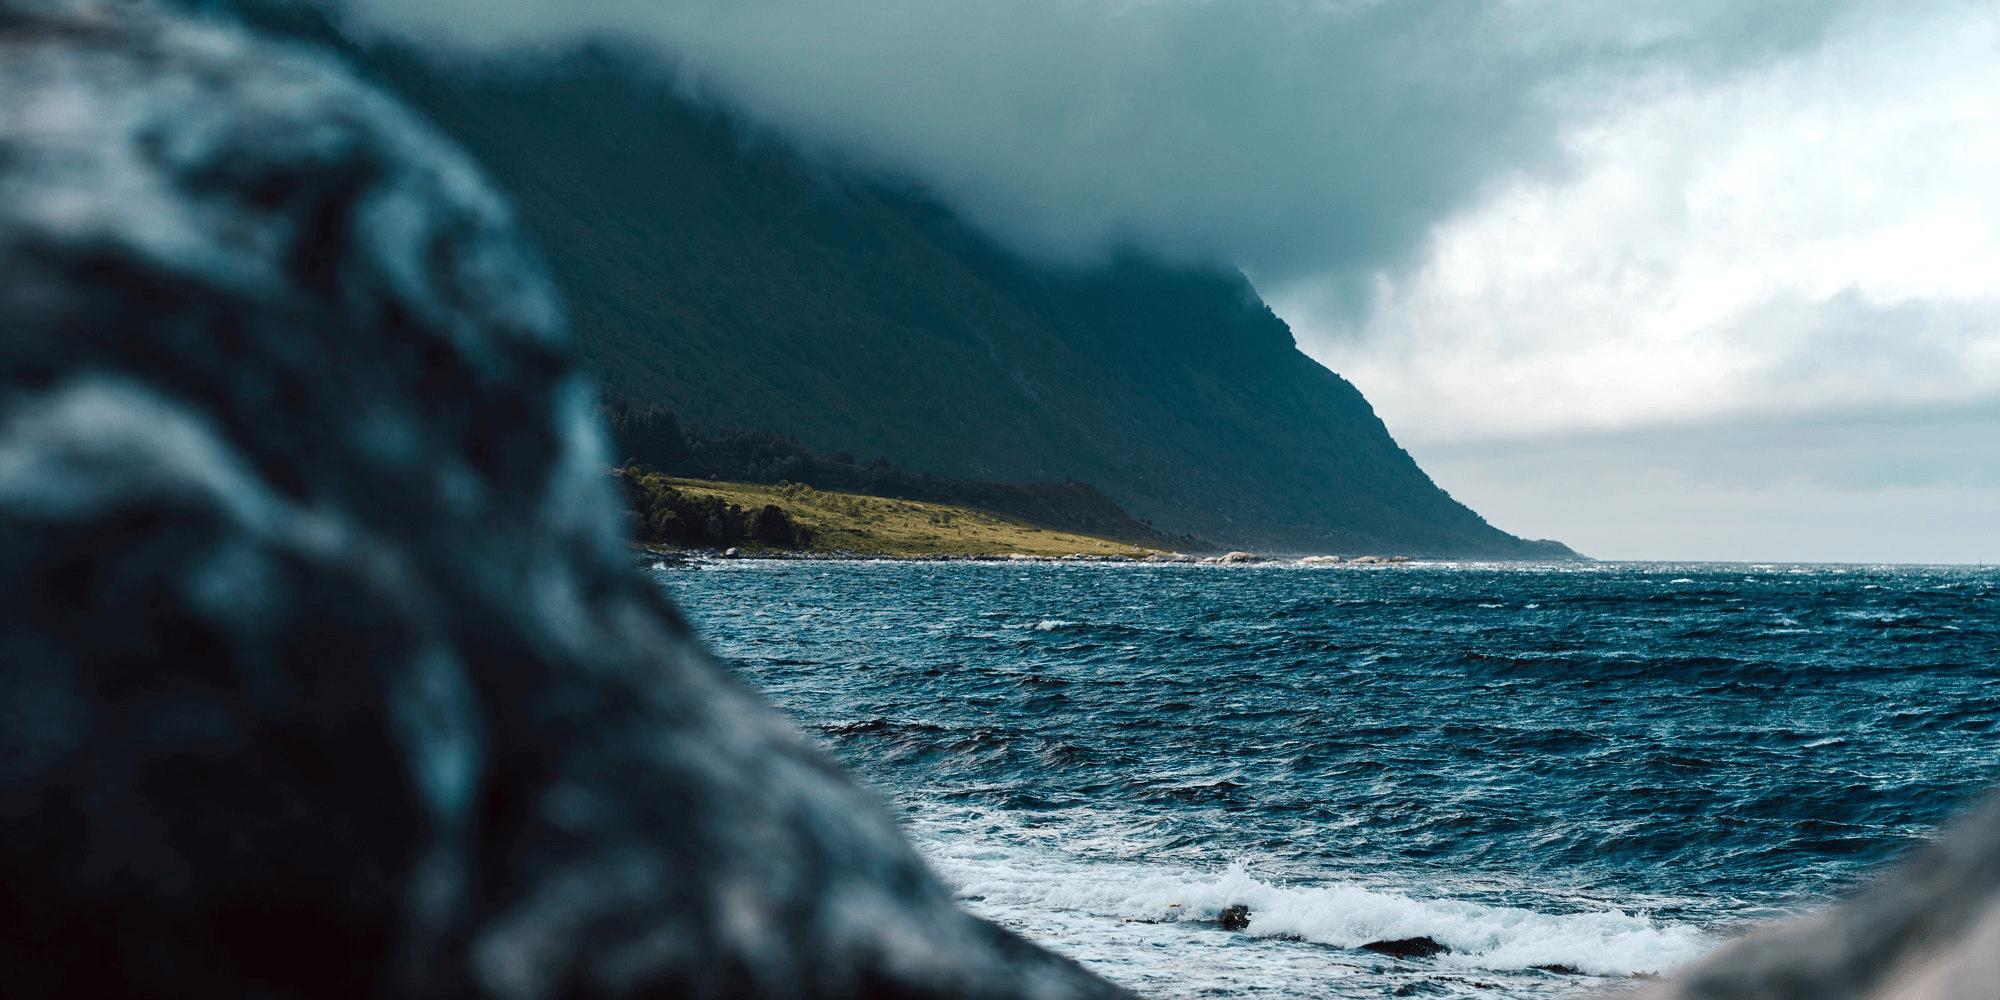 Bilde av små bølger som beveger seg mot en strand